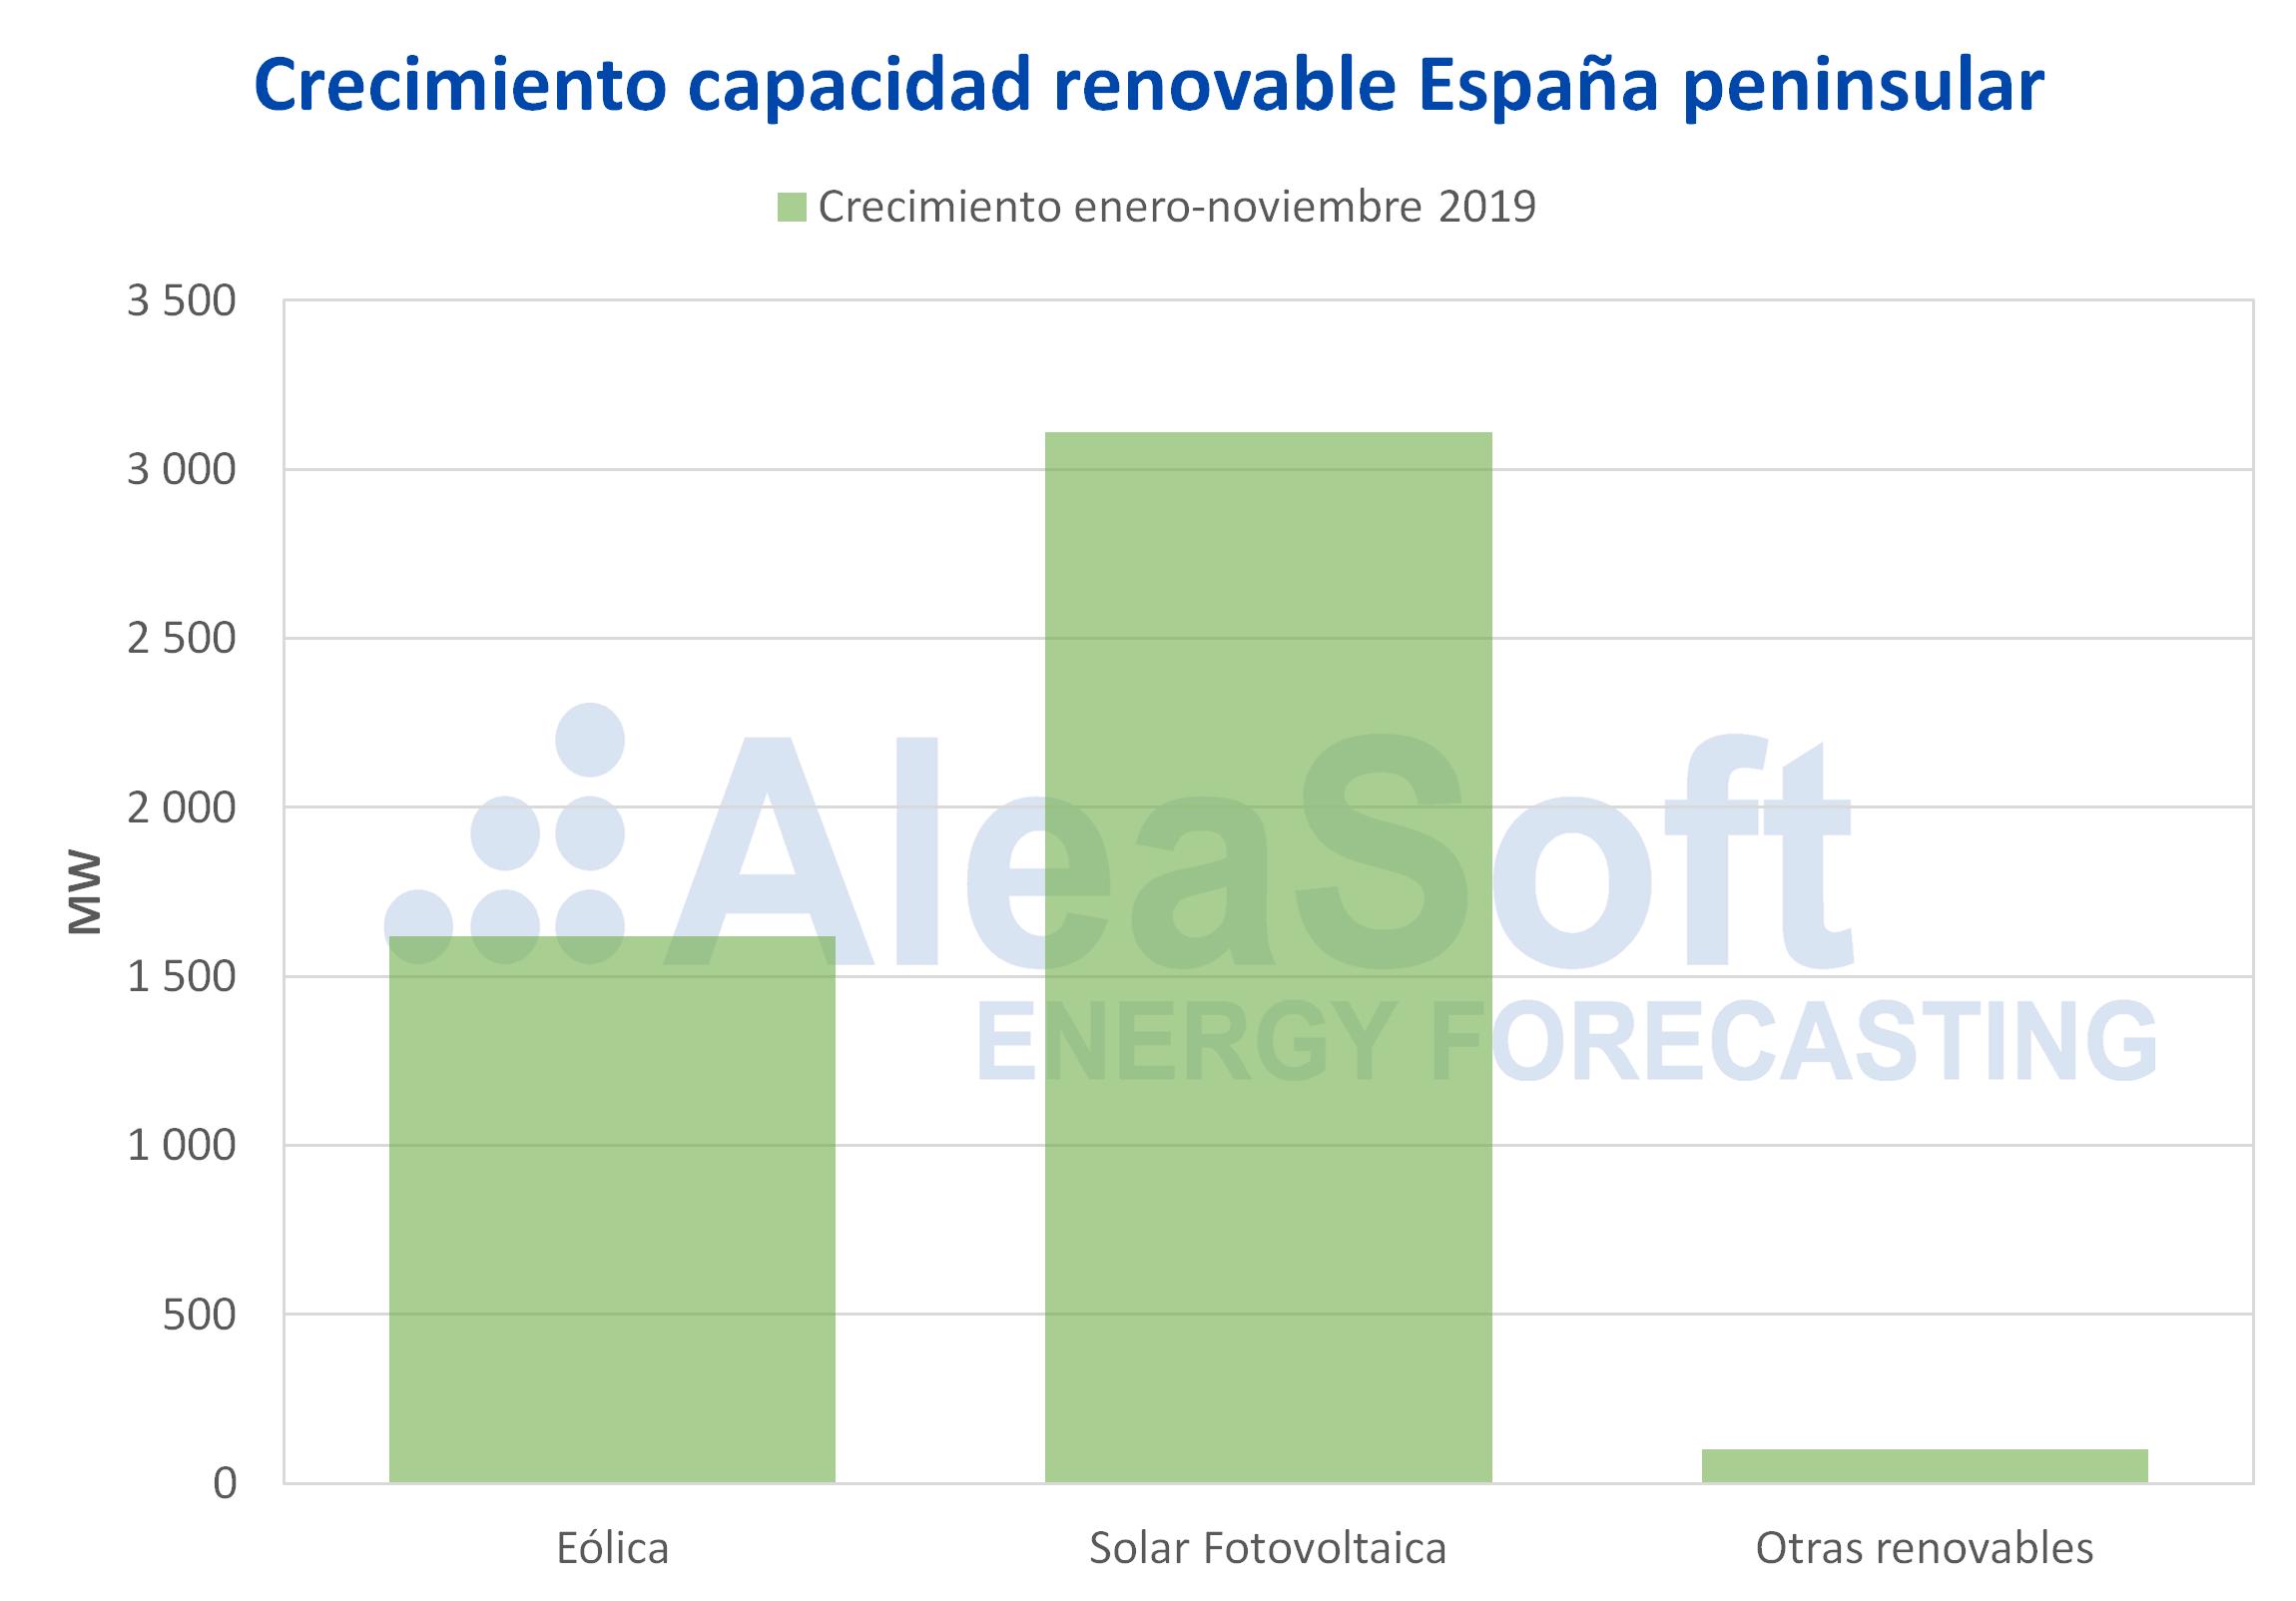 AleaSoft - Crecimiento capacidad renovable eólica solar fotovoltaica españa peninsular